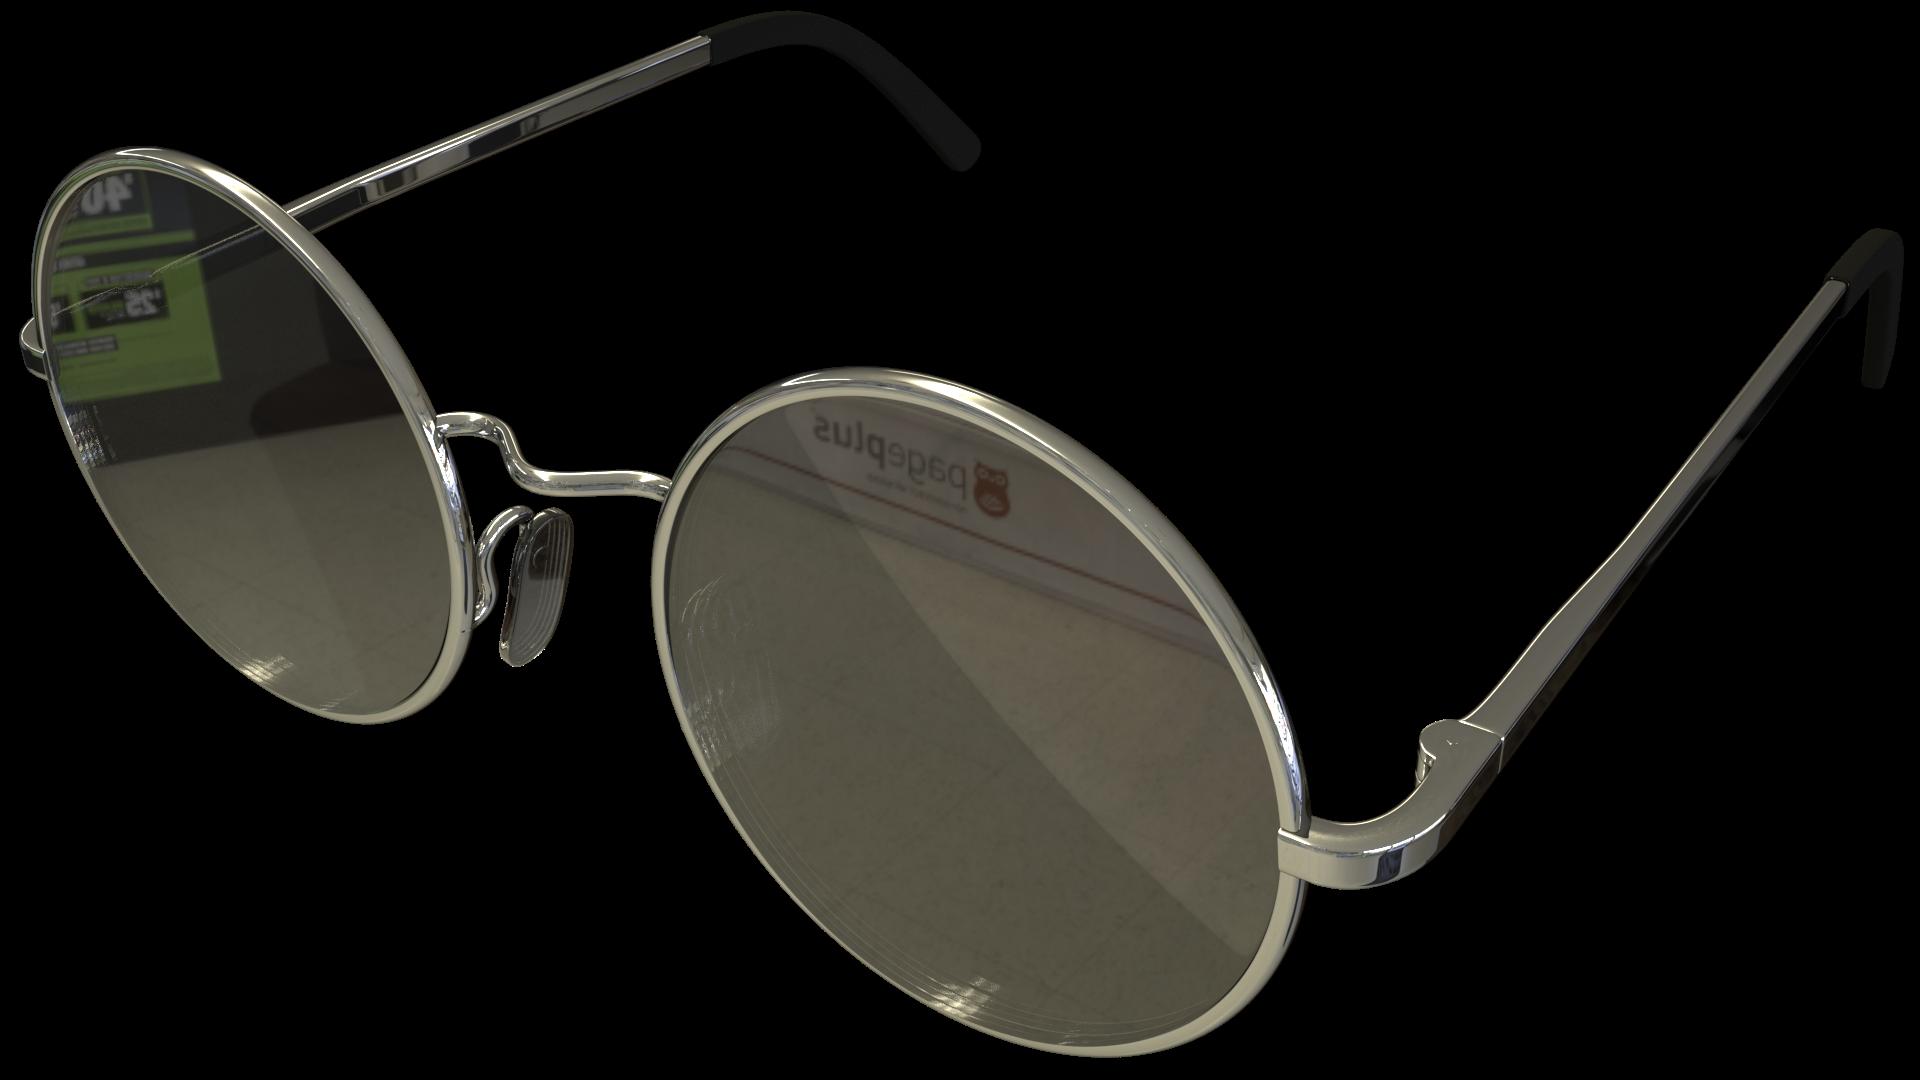 Free 3D Retro Sunglasses CC0 3DS - Free 3D Models Under Public Domain